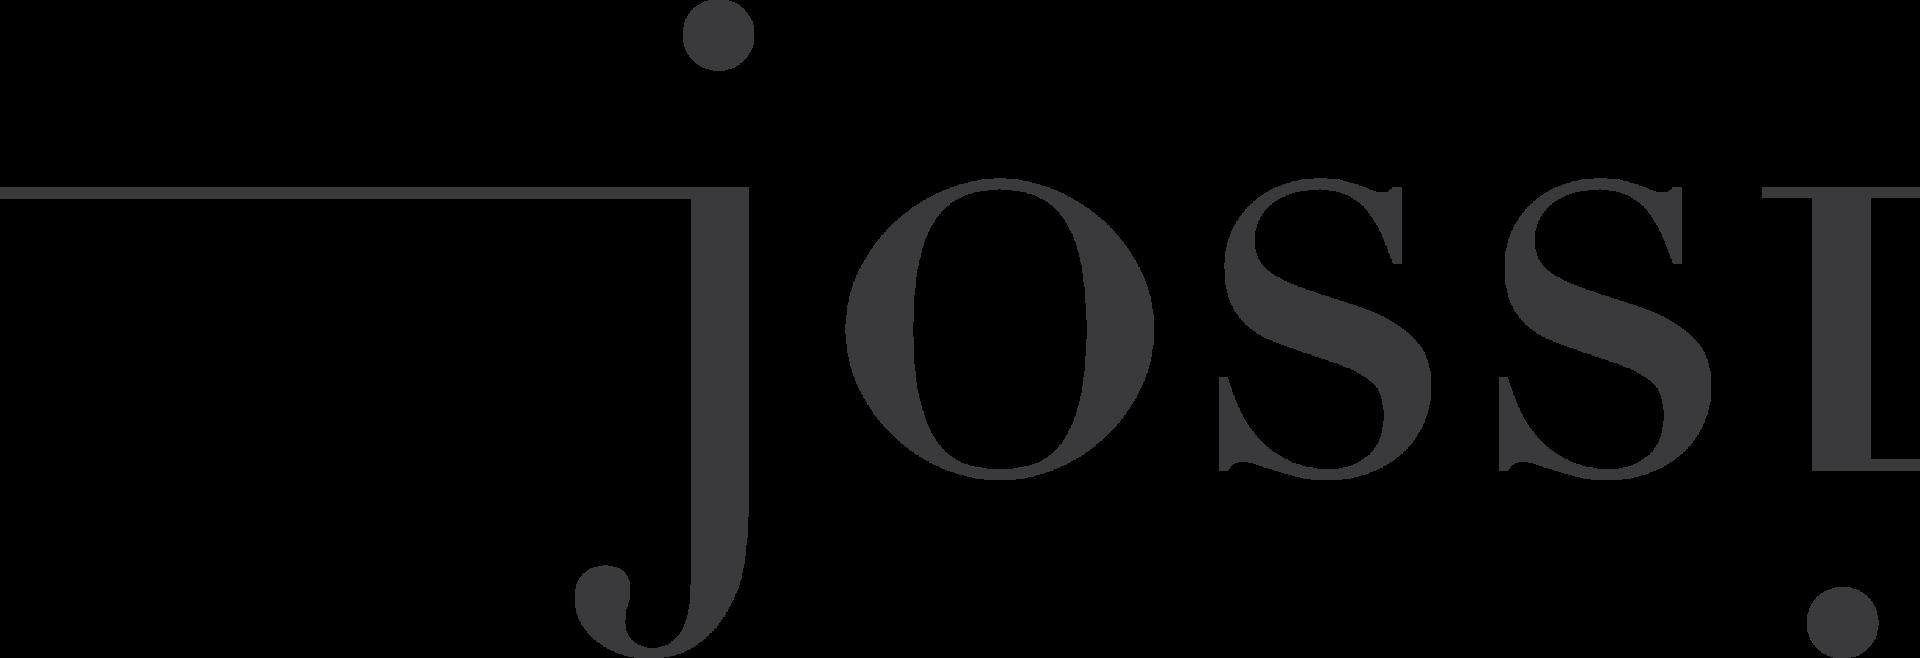 Jossi Design